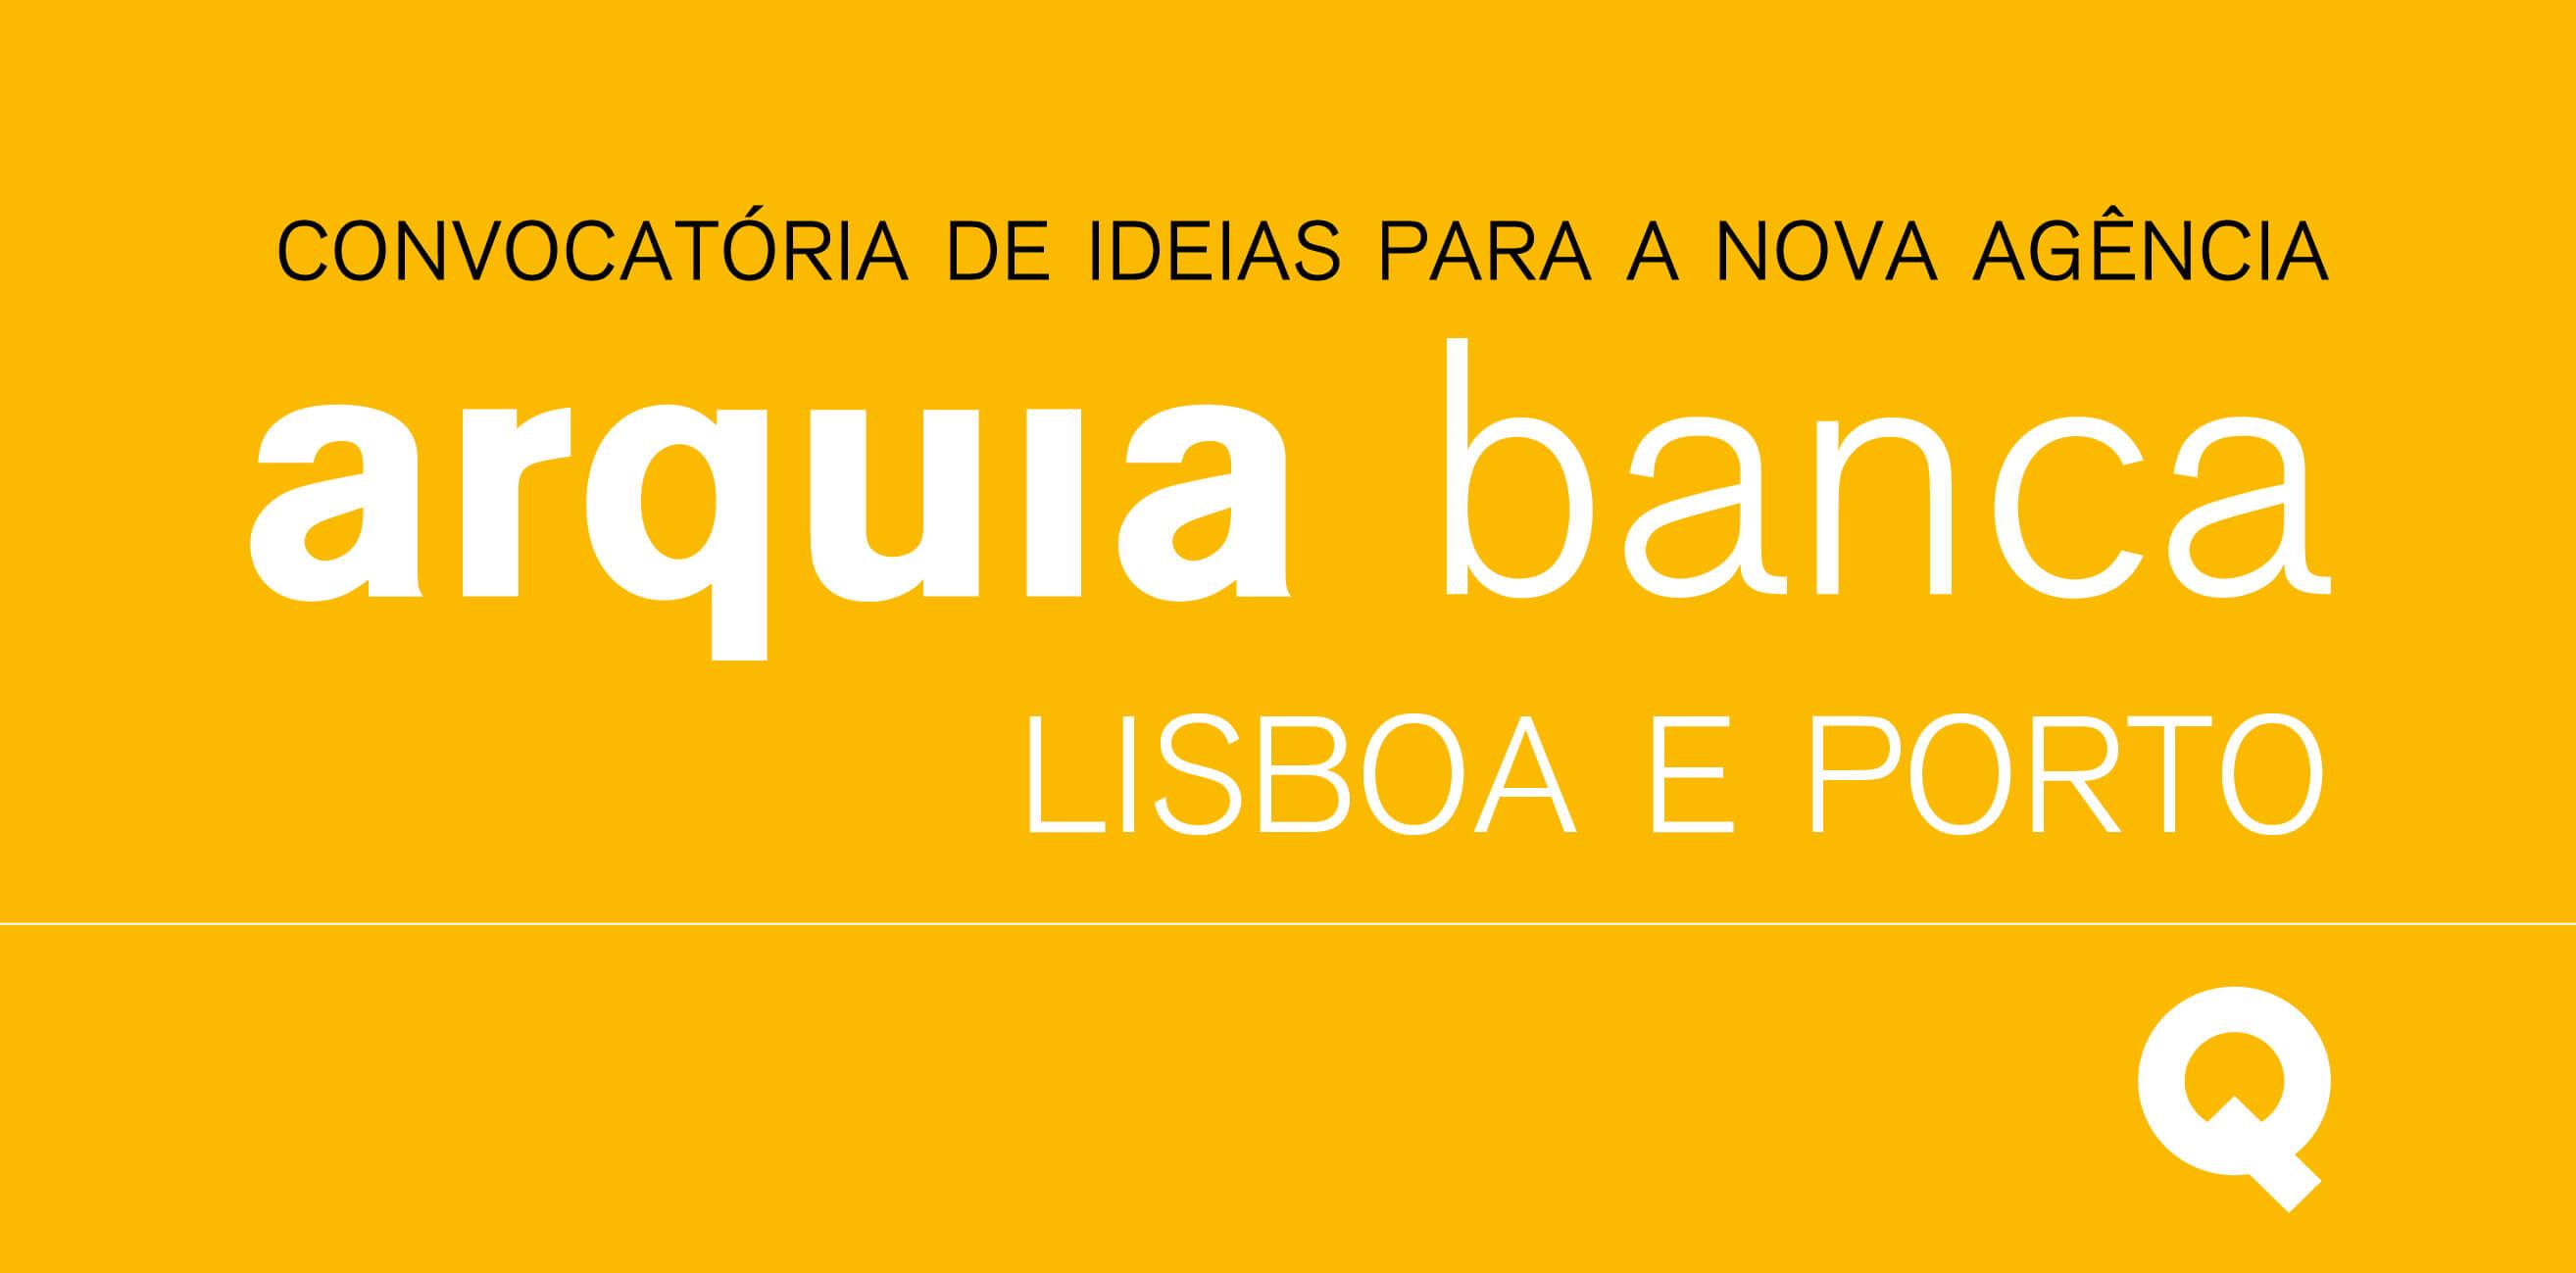 Concursos para os projectos das agências da Arquia Banca em Lisboa e no Porto